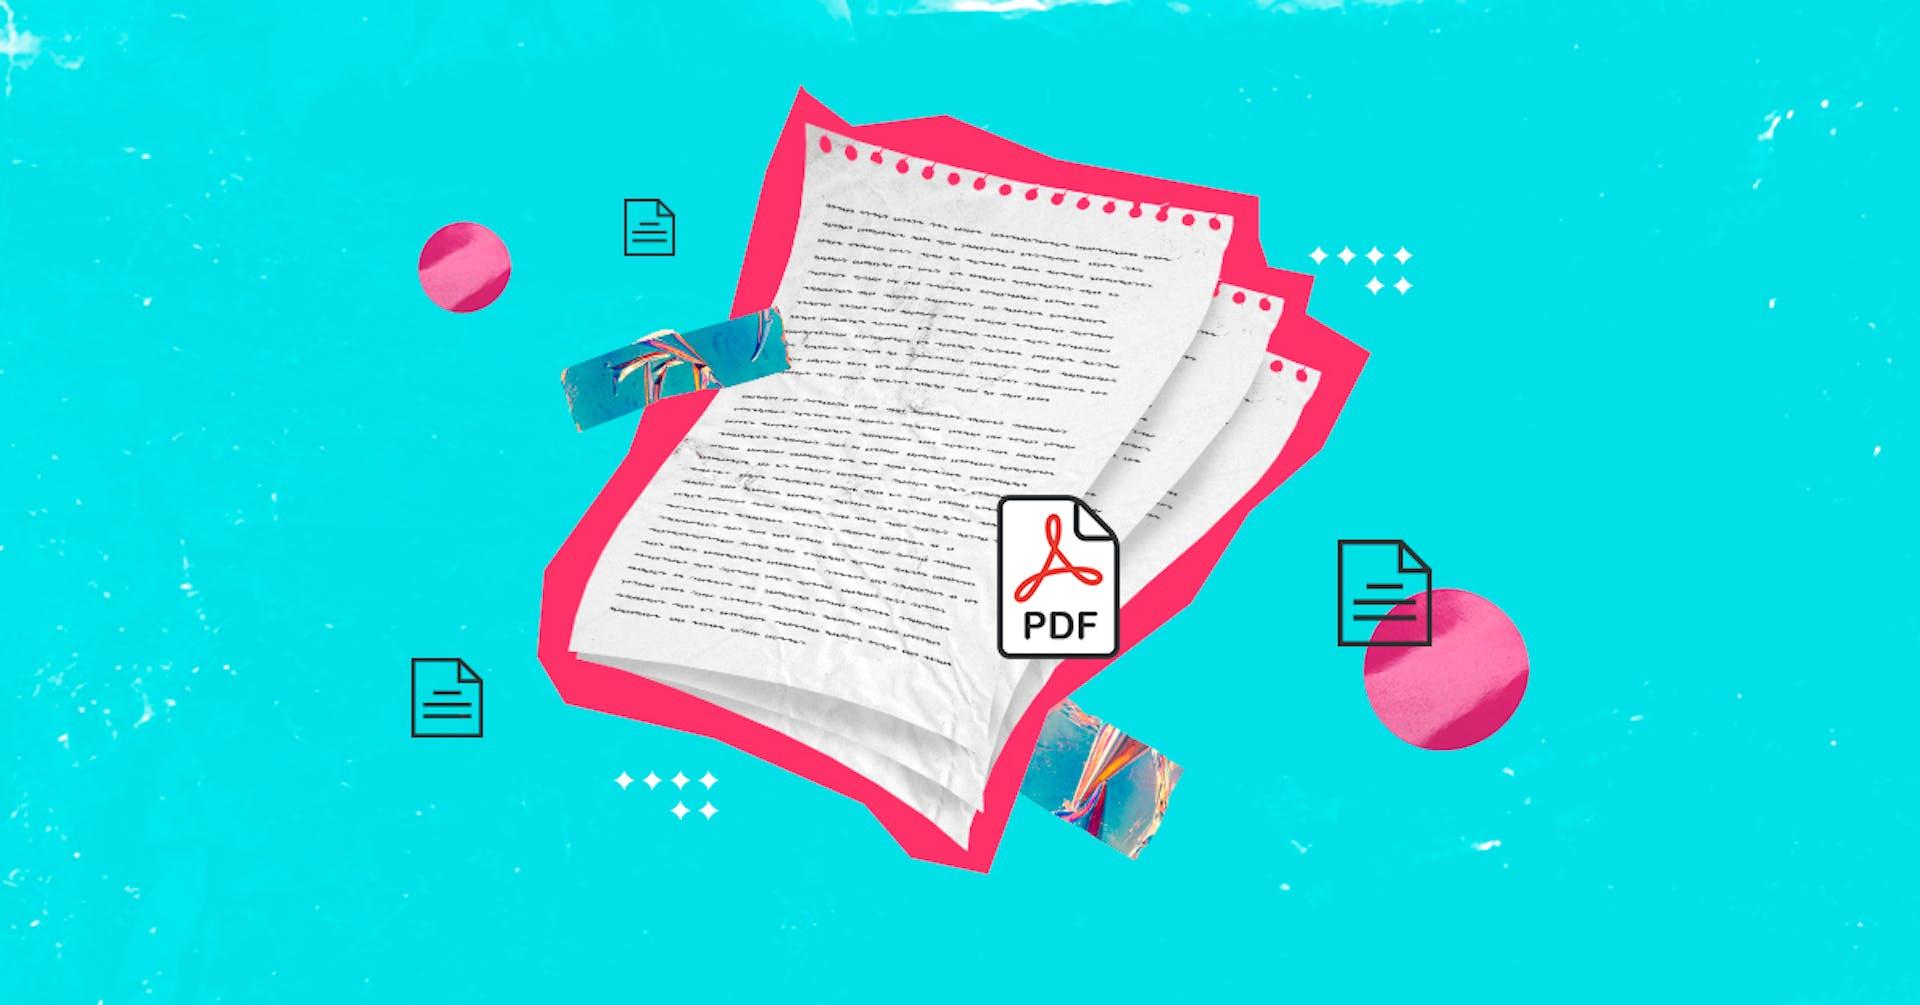 Quer editar e reduzir o tamanho dos seus PDFs? Damos a chave e outras informações!